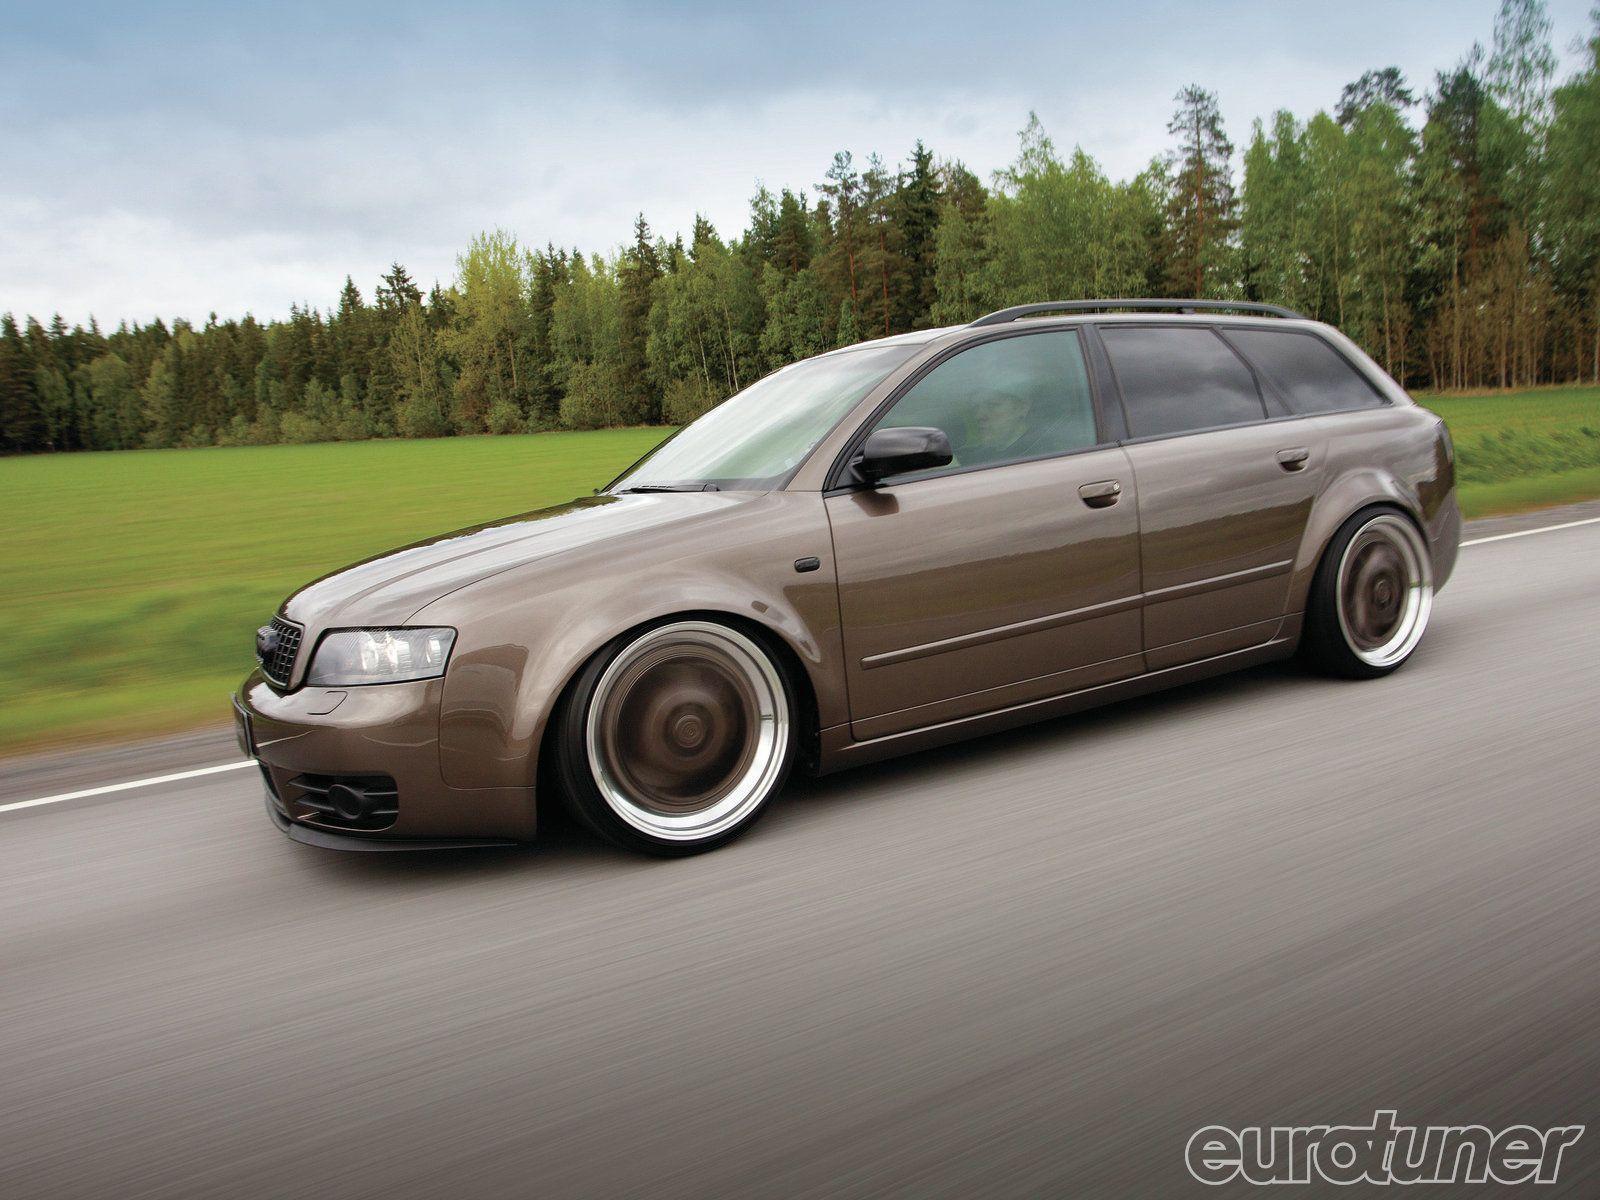 01 Audi A4 1 8t